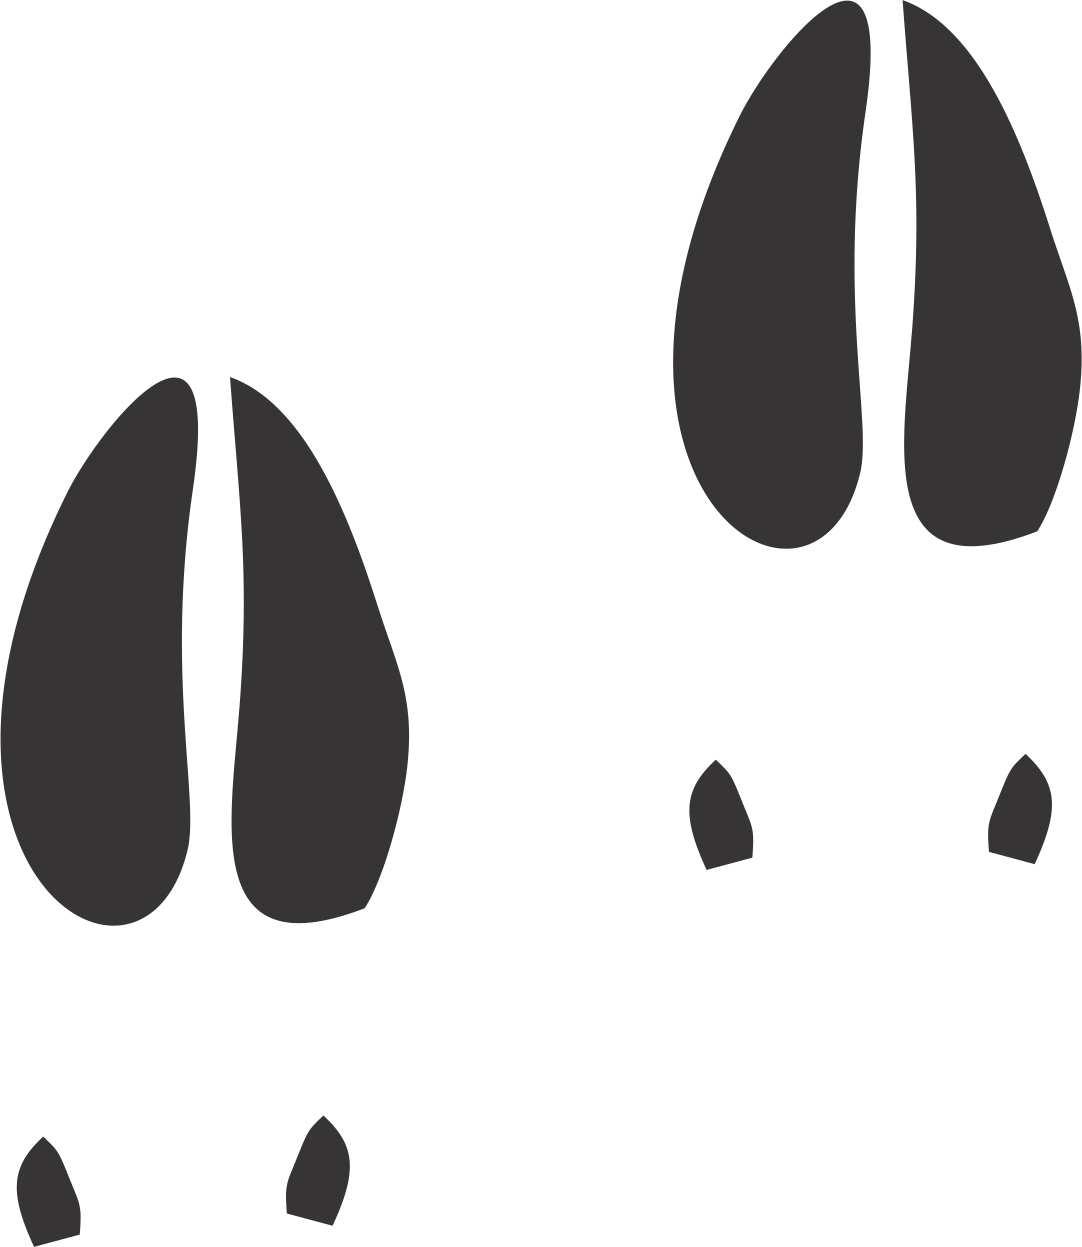 Deer Skull Silhouette - ClipArt Best